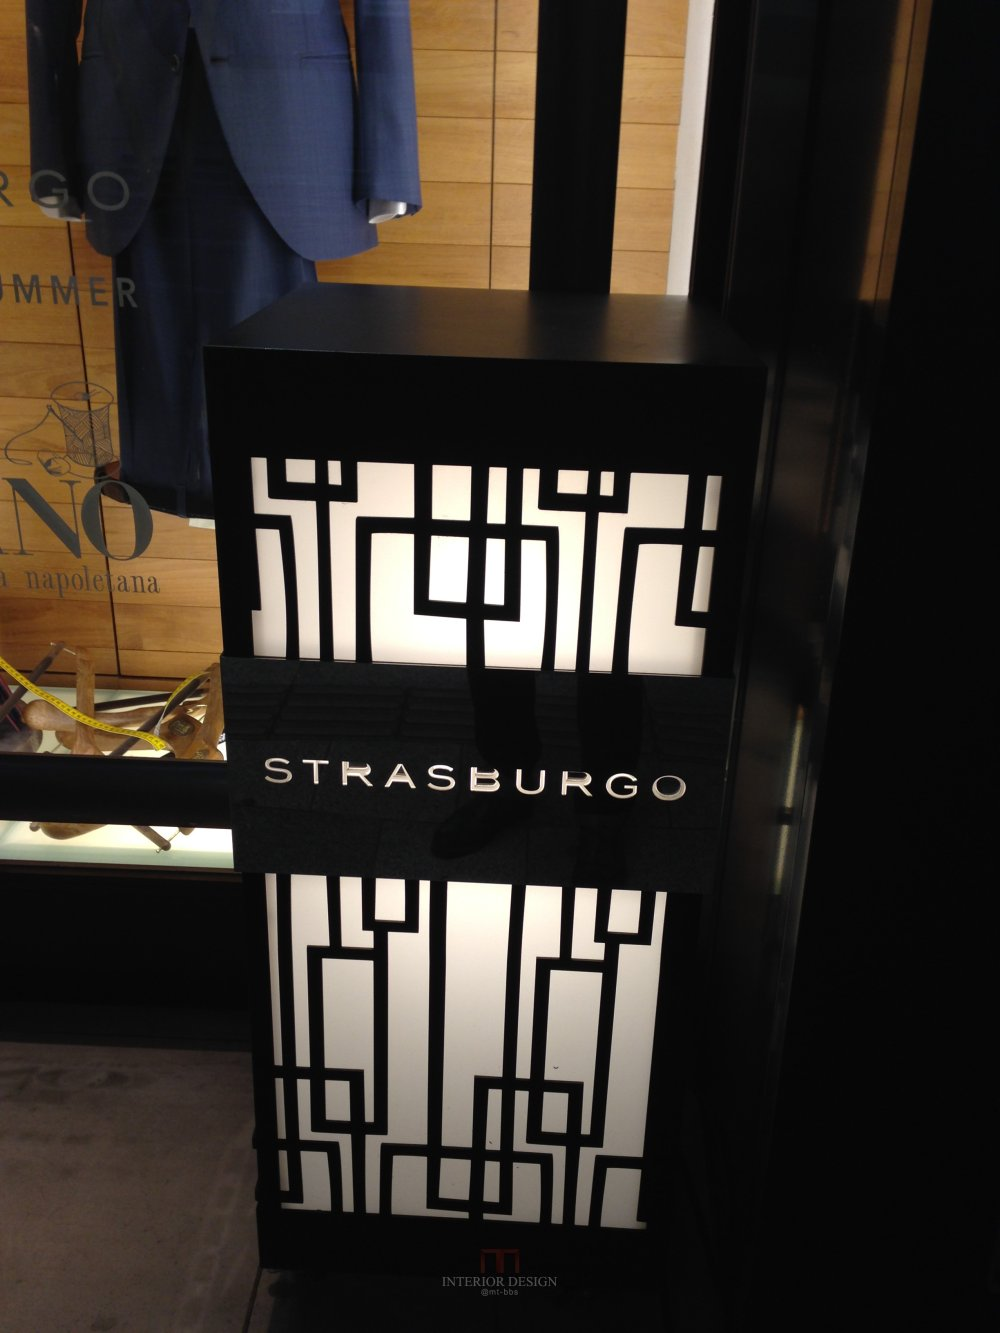 #伙伴一起看日本#  日本设计考察分享(更新美秀美术馆)_IMG_4894.JPG